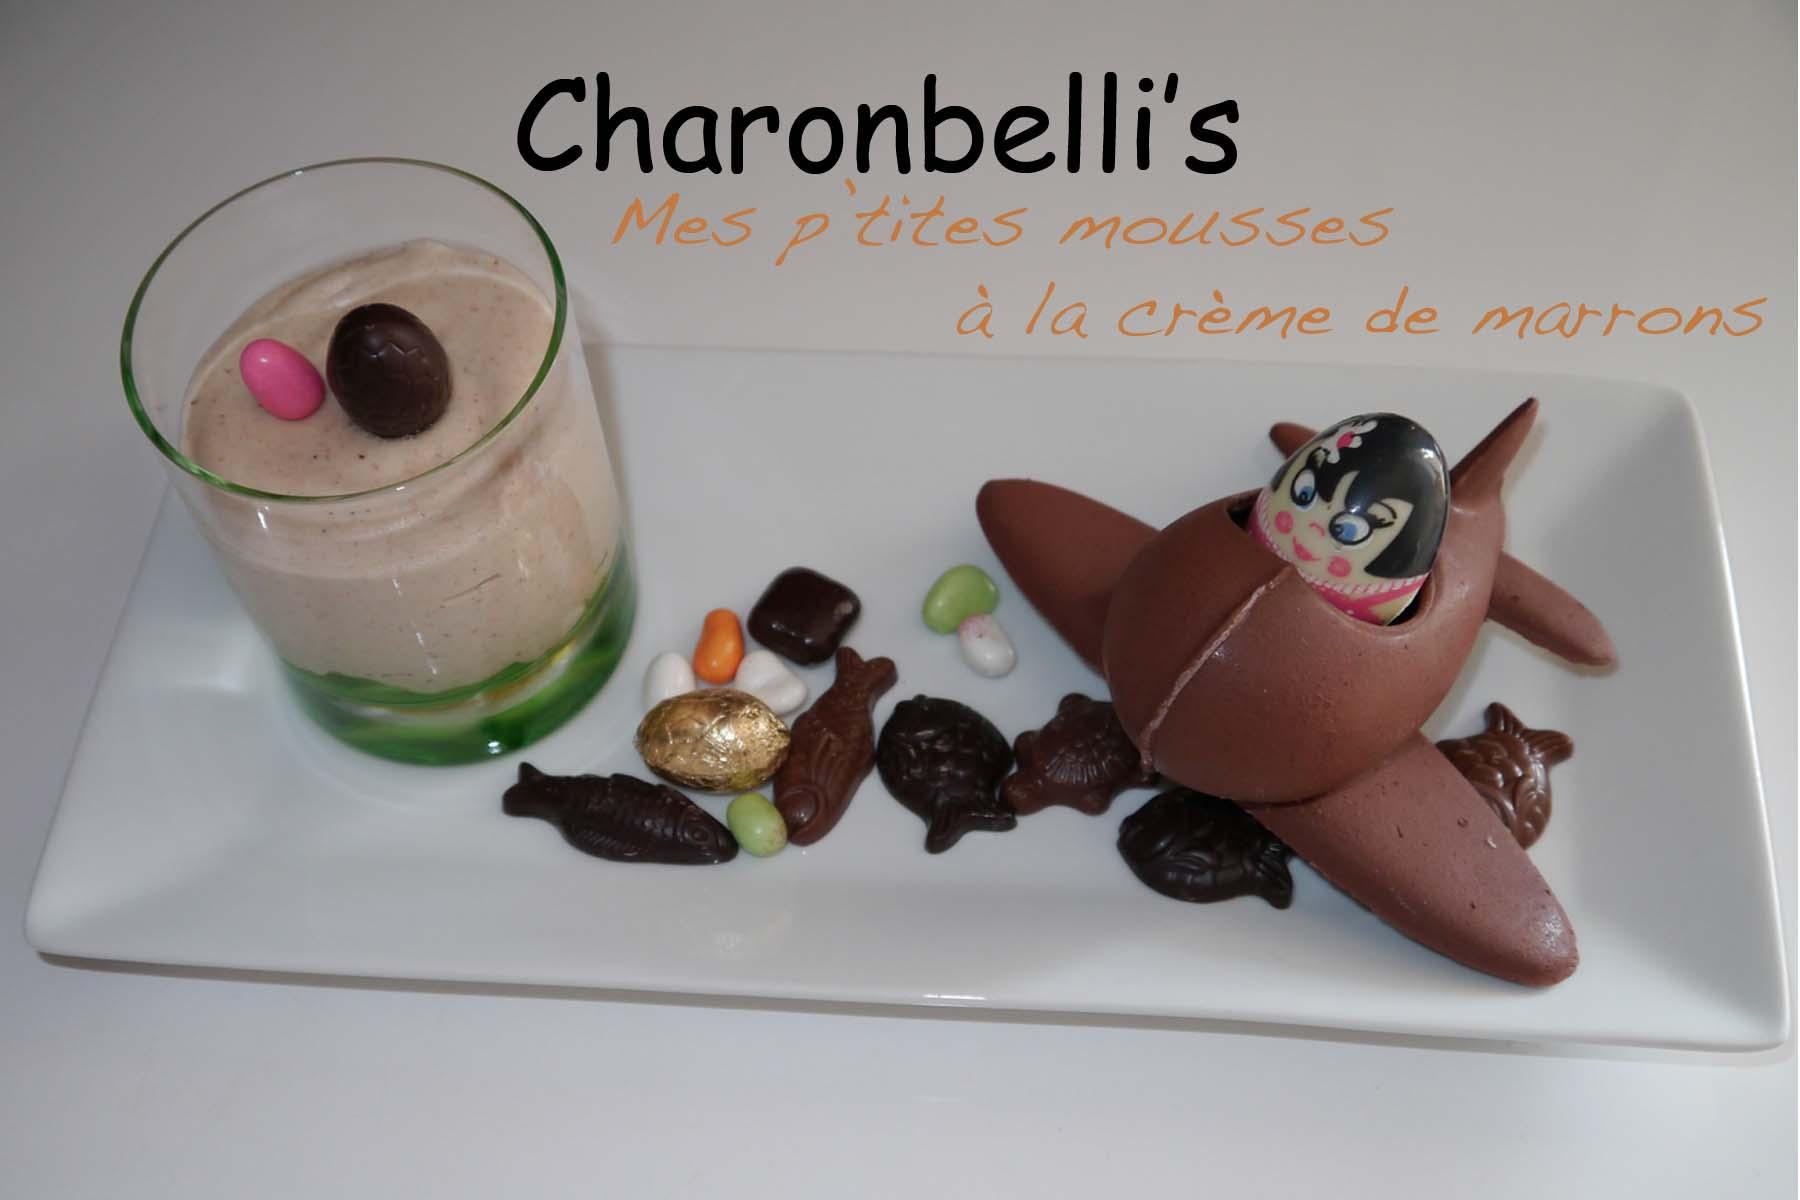 Mes p'tites mousses à la crème de marrons - Charonbelli's blog de cuisine